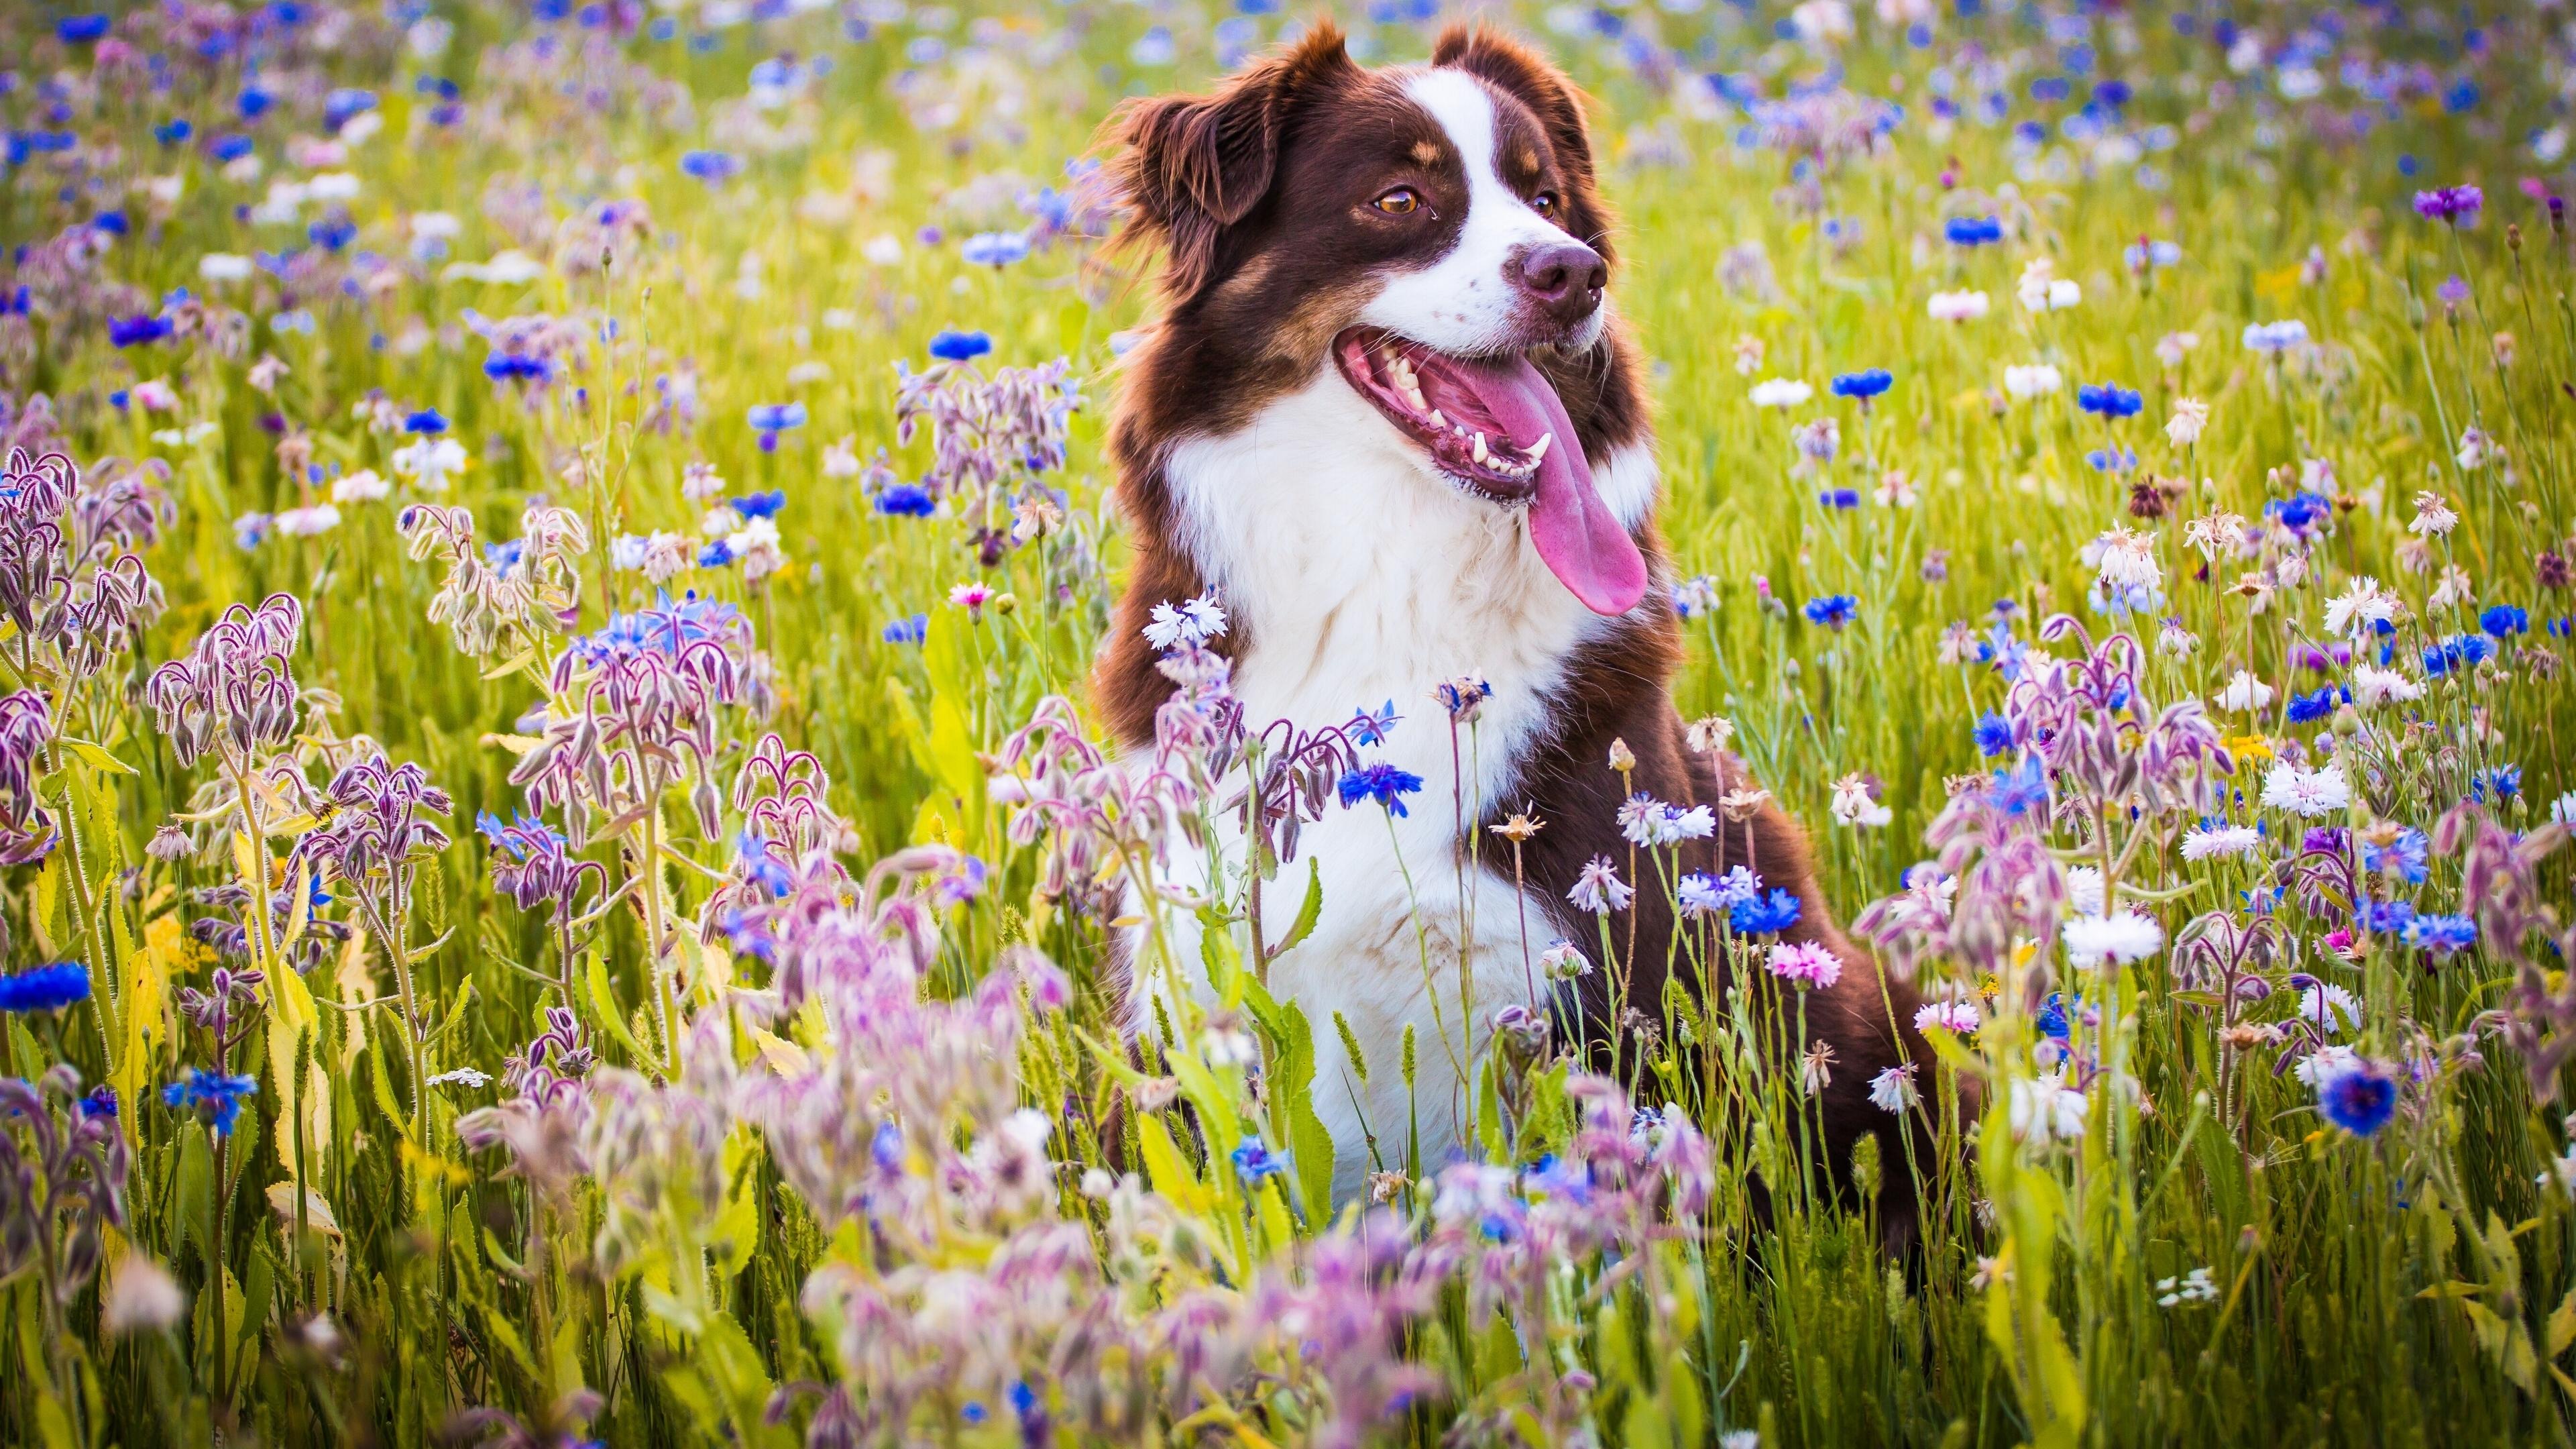 собачка трава лето  № 3650110 бесплатно